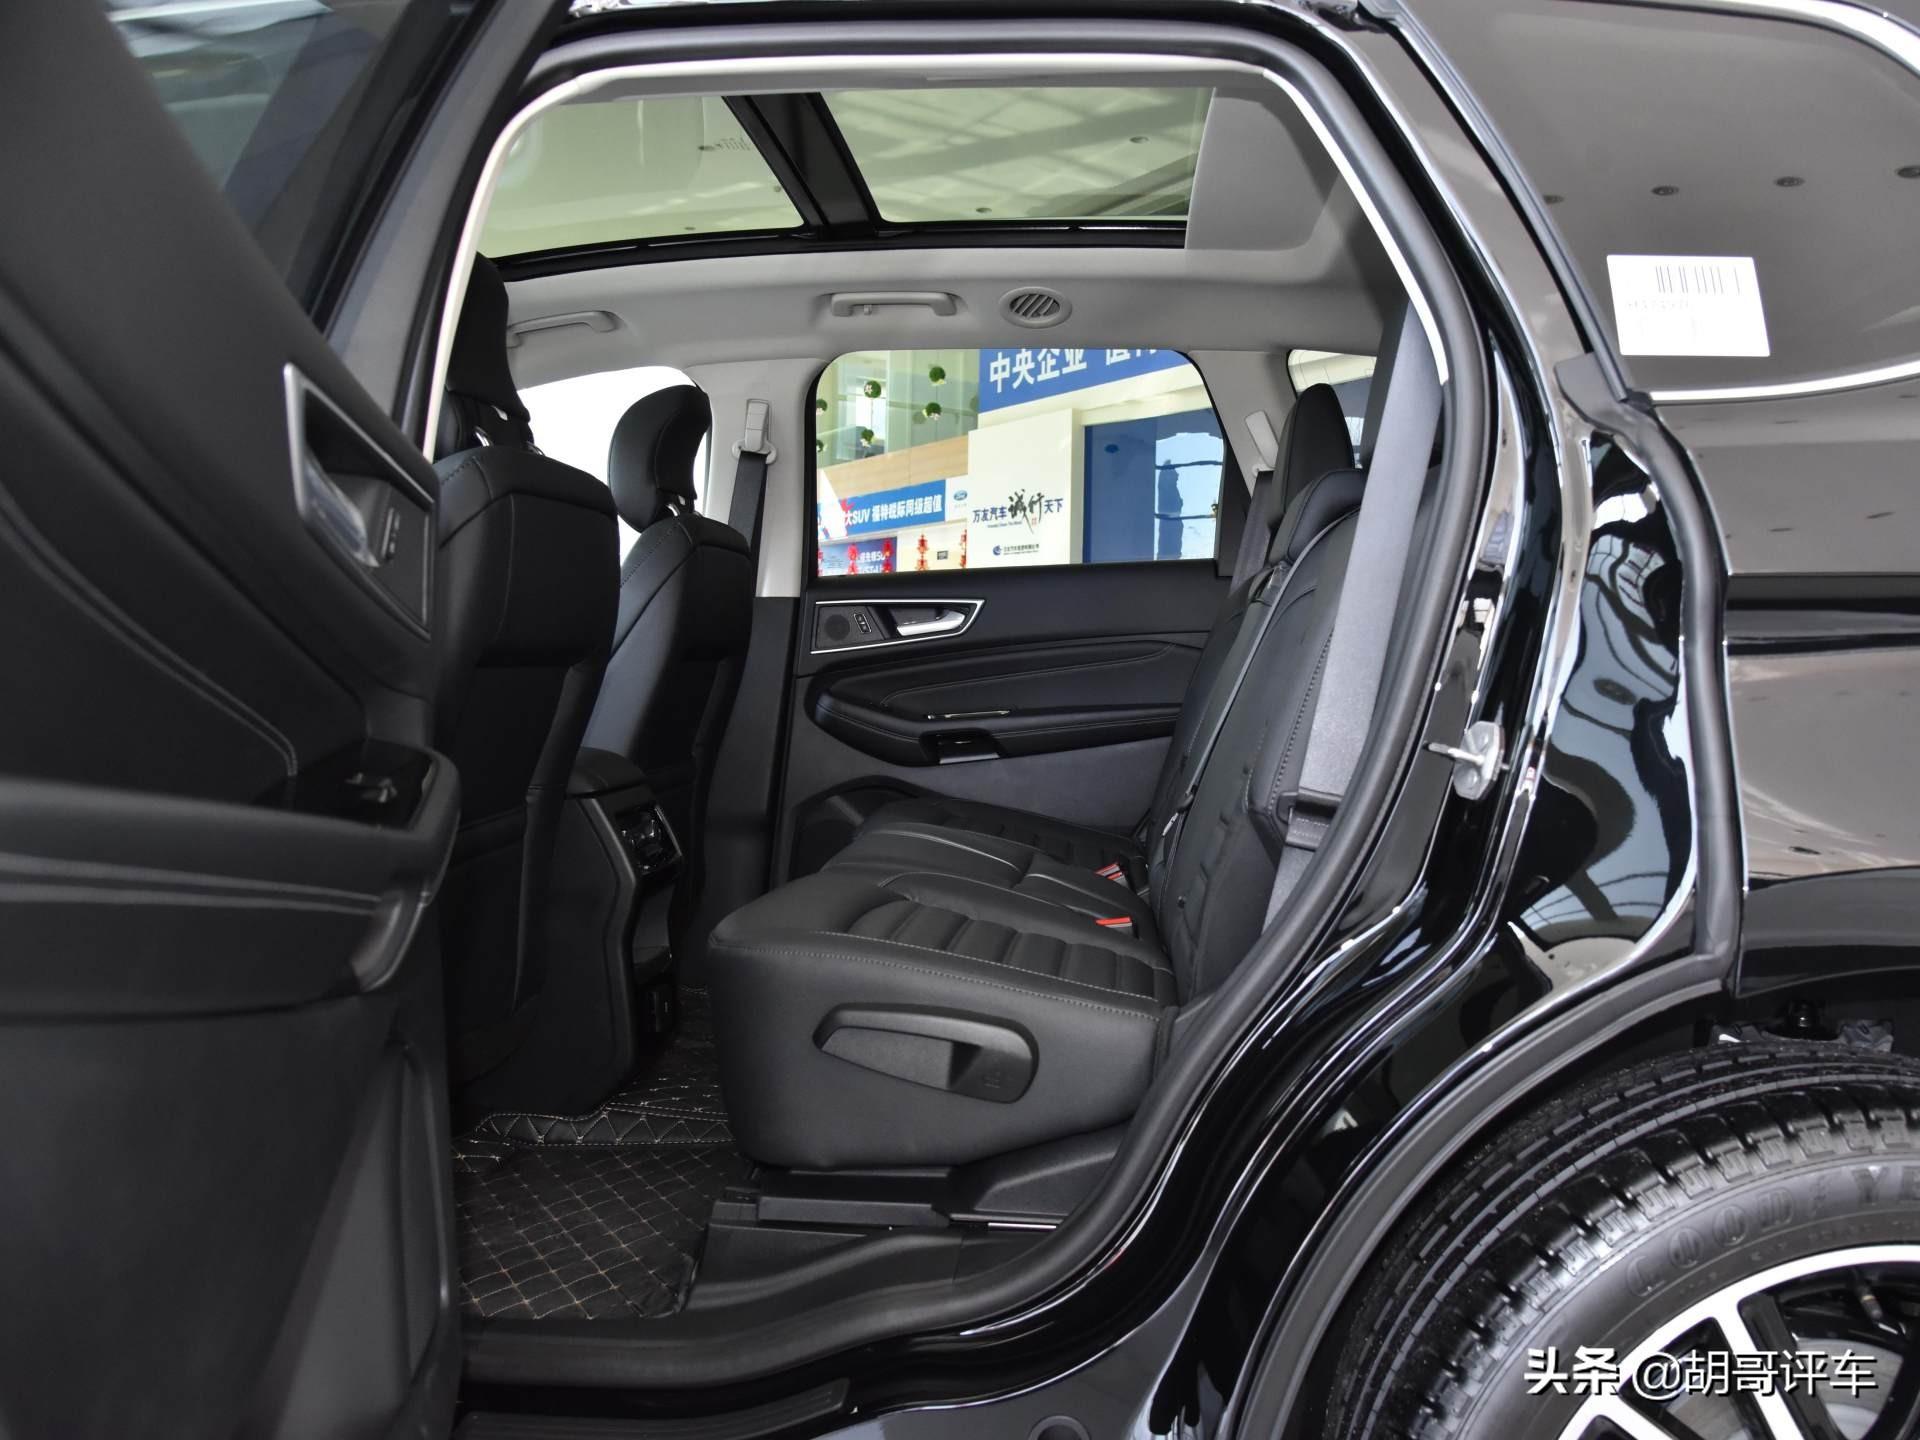 福特锐界245马力+8AT,售价22.98万起(zhijiafuture.com)